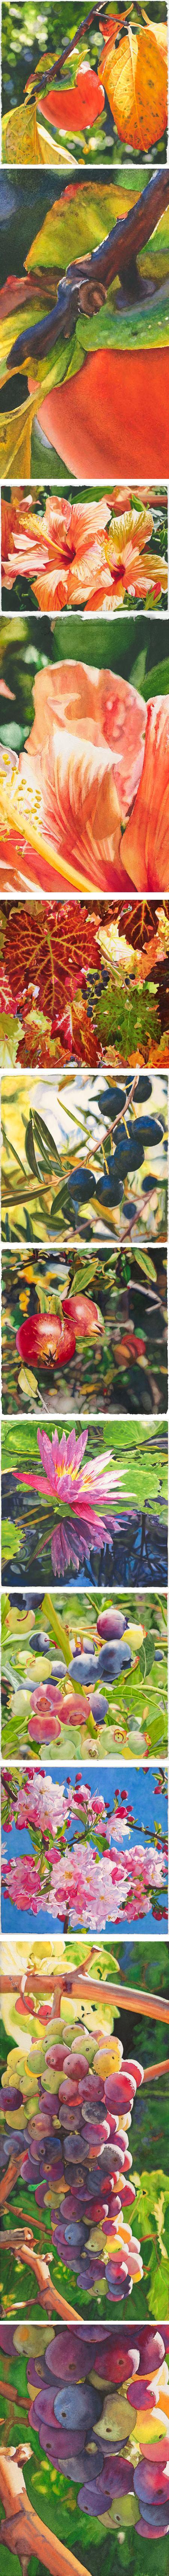 Cara Brown, watercolors